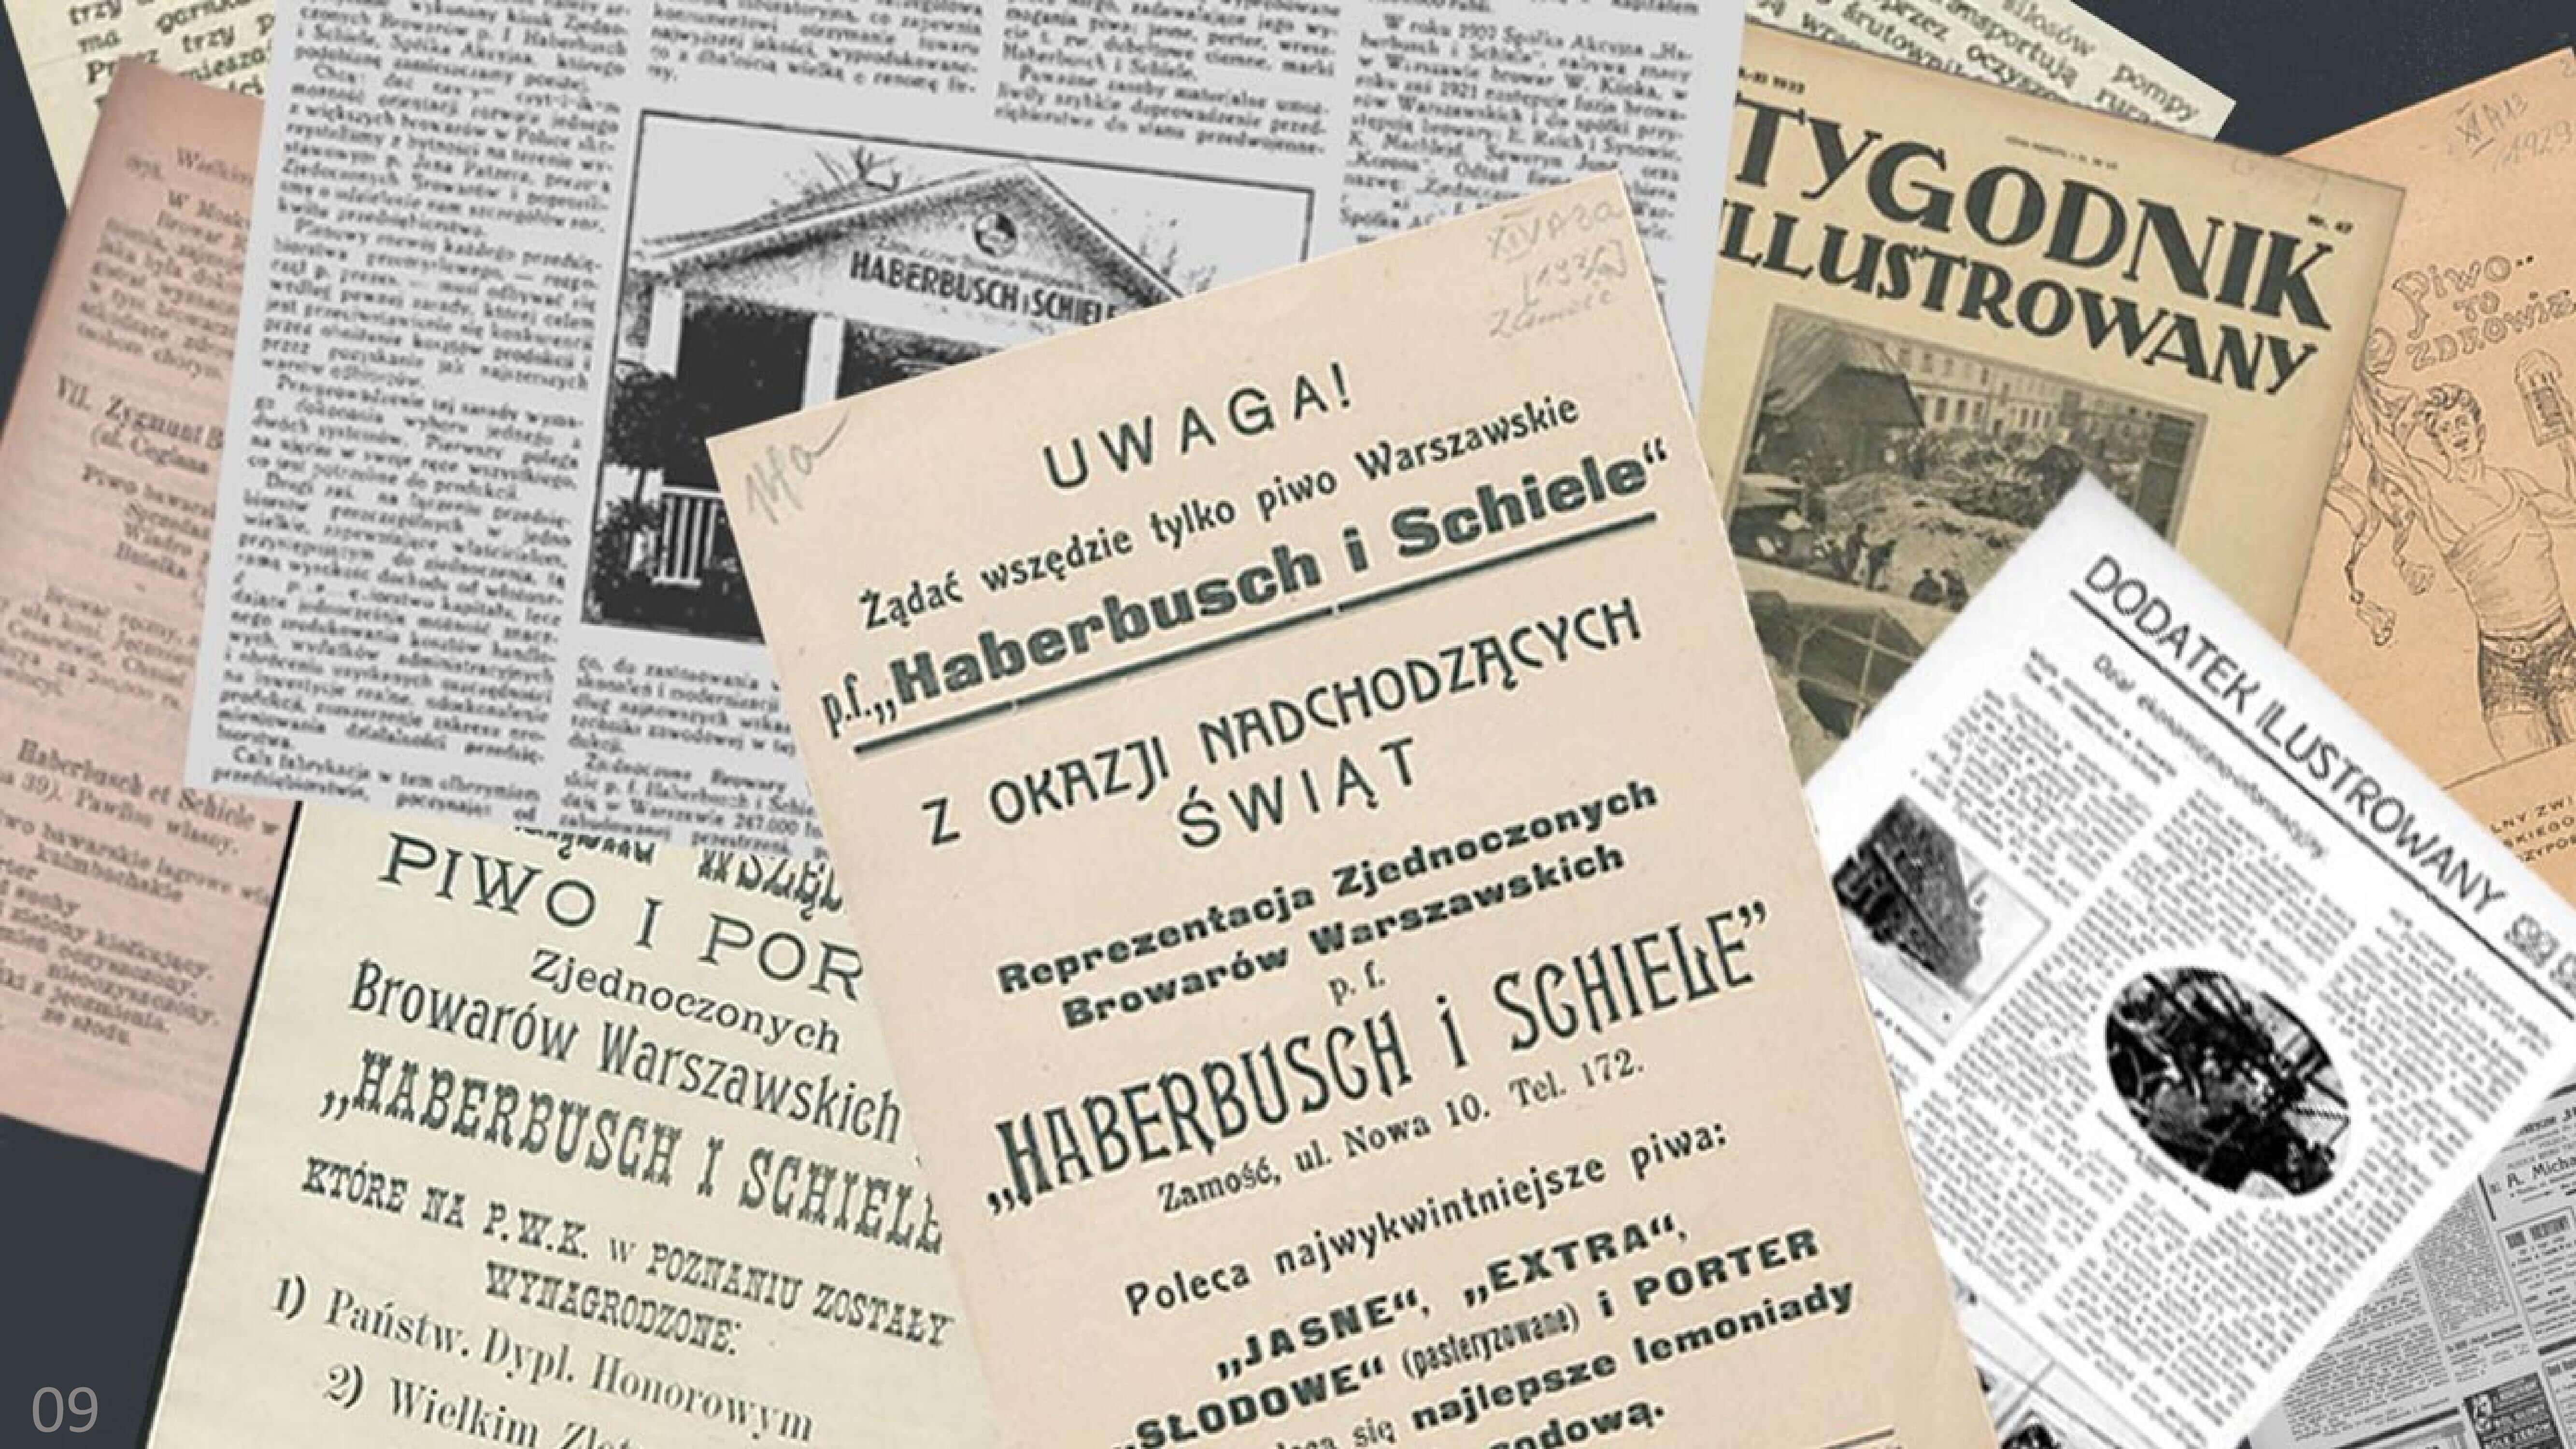 Nowa-nazwa-ulicy-w-Browarach-Warszawskich-Haberbusch-i-Schiele.